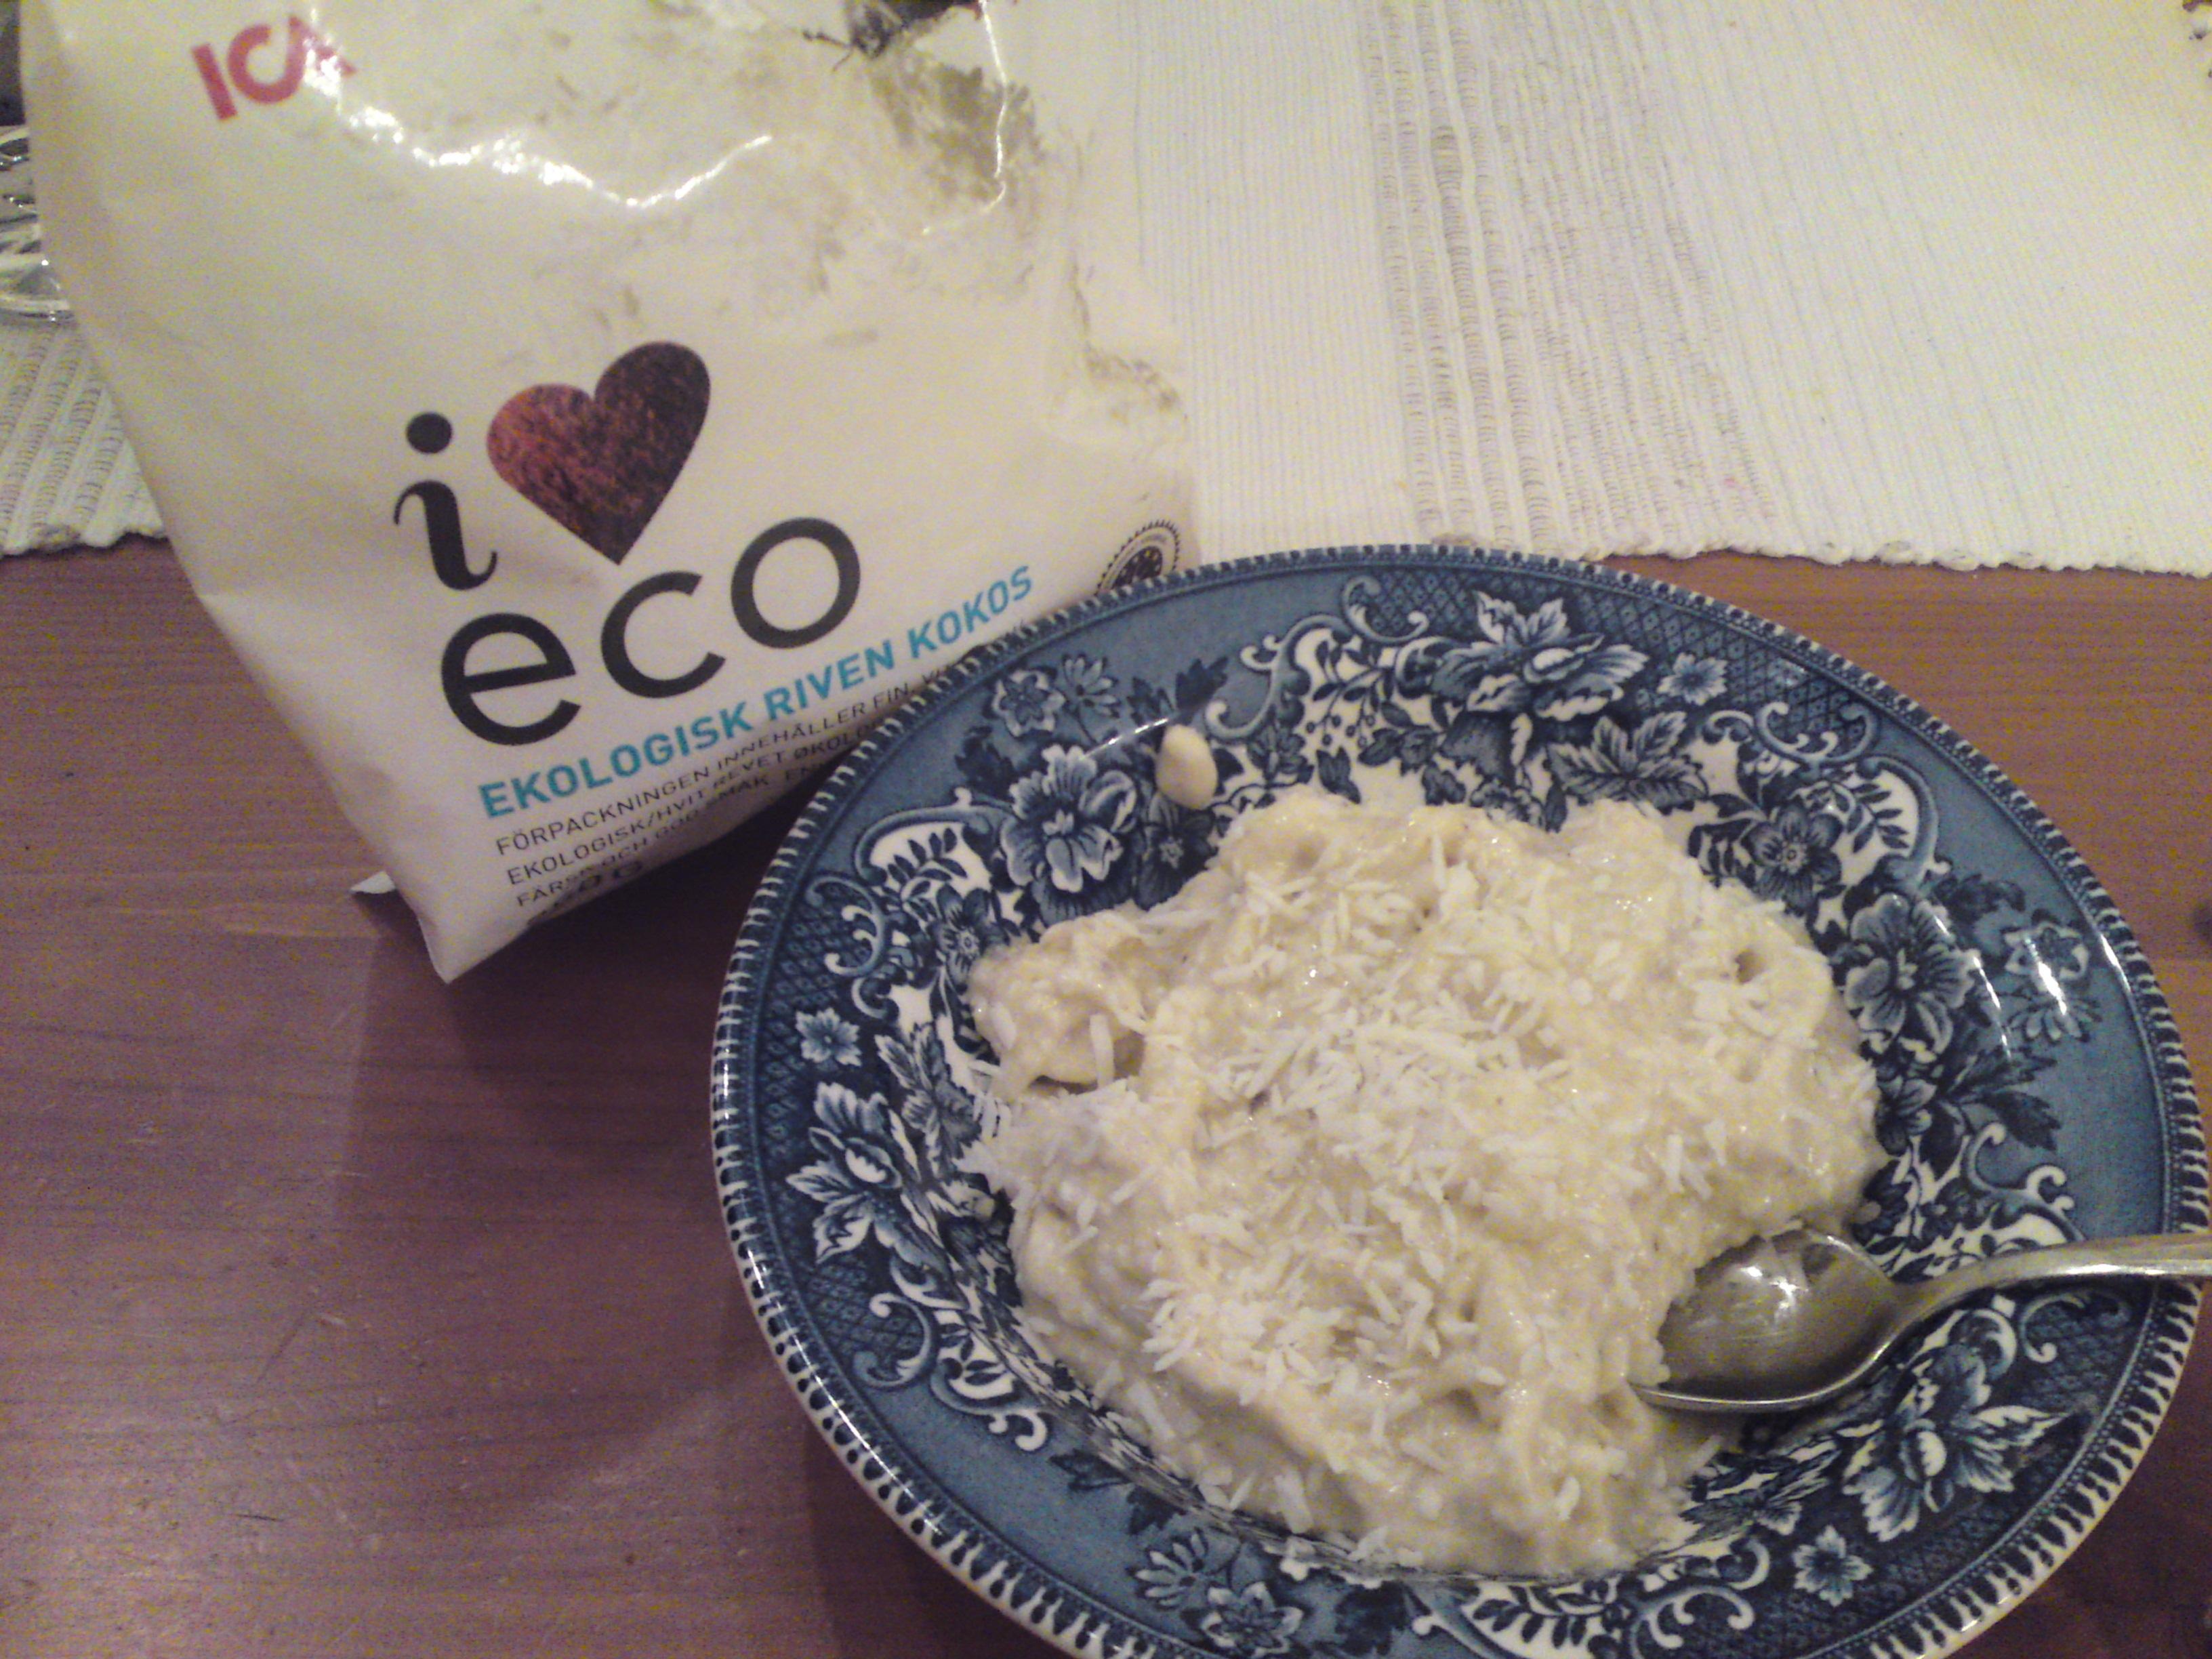 Blåbär/banan och kokosglass